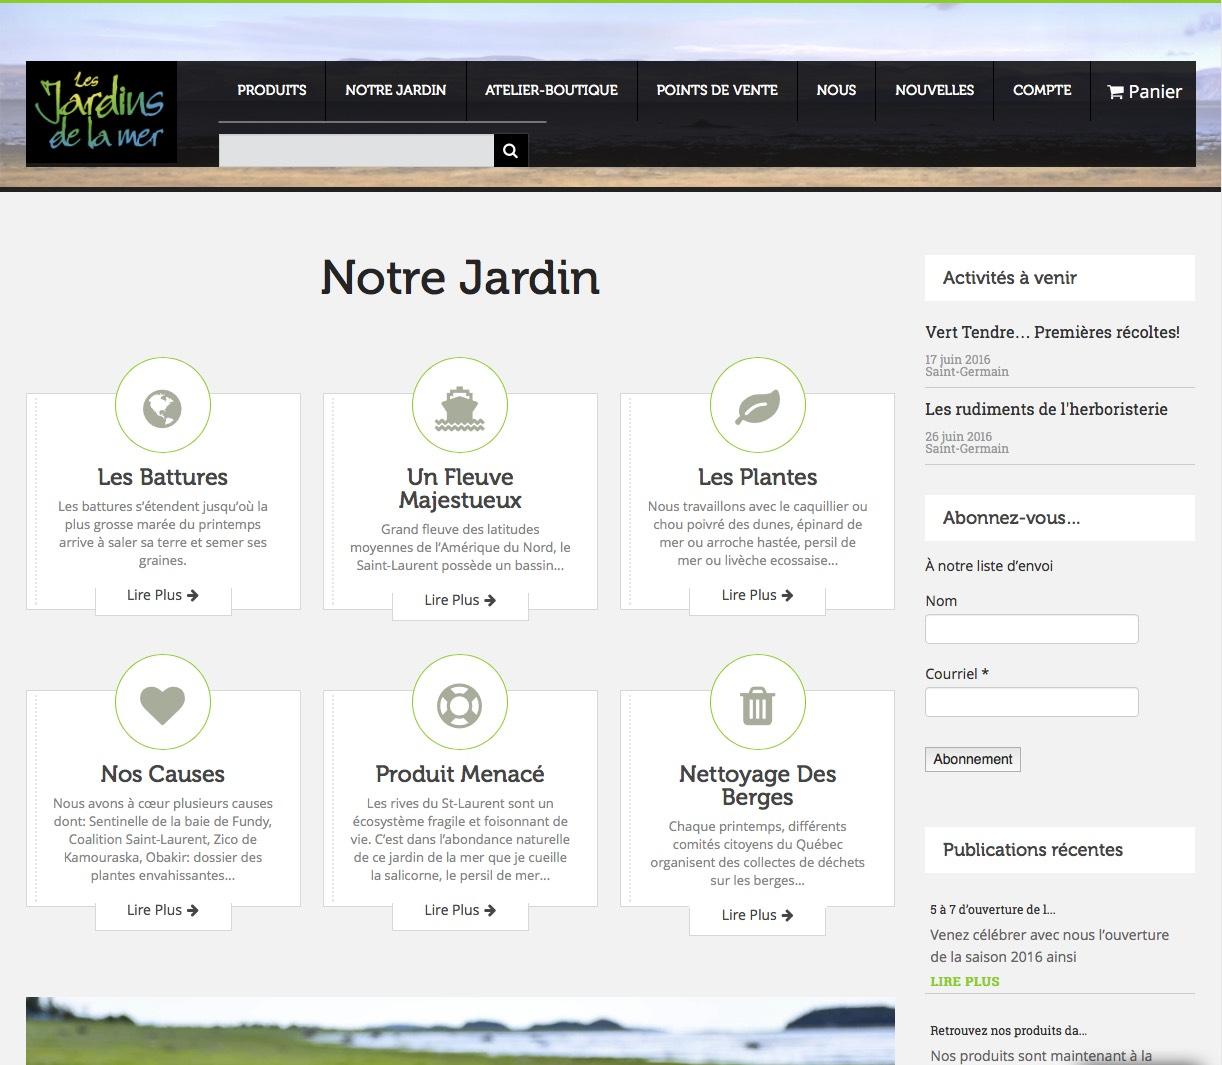 Page d'information avec diaporama d'images.